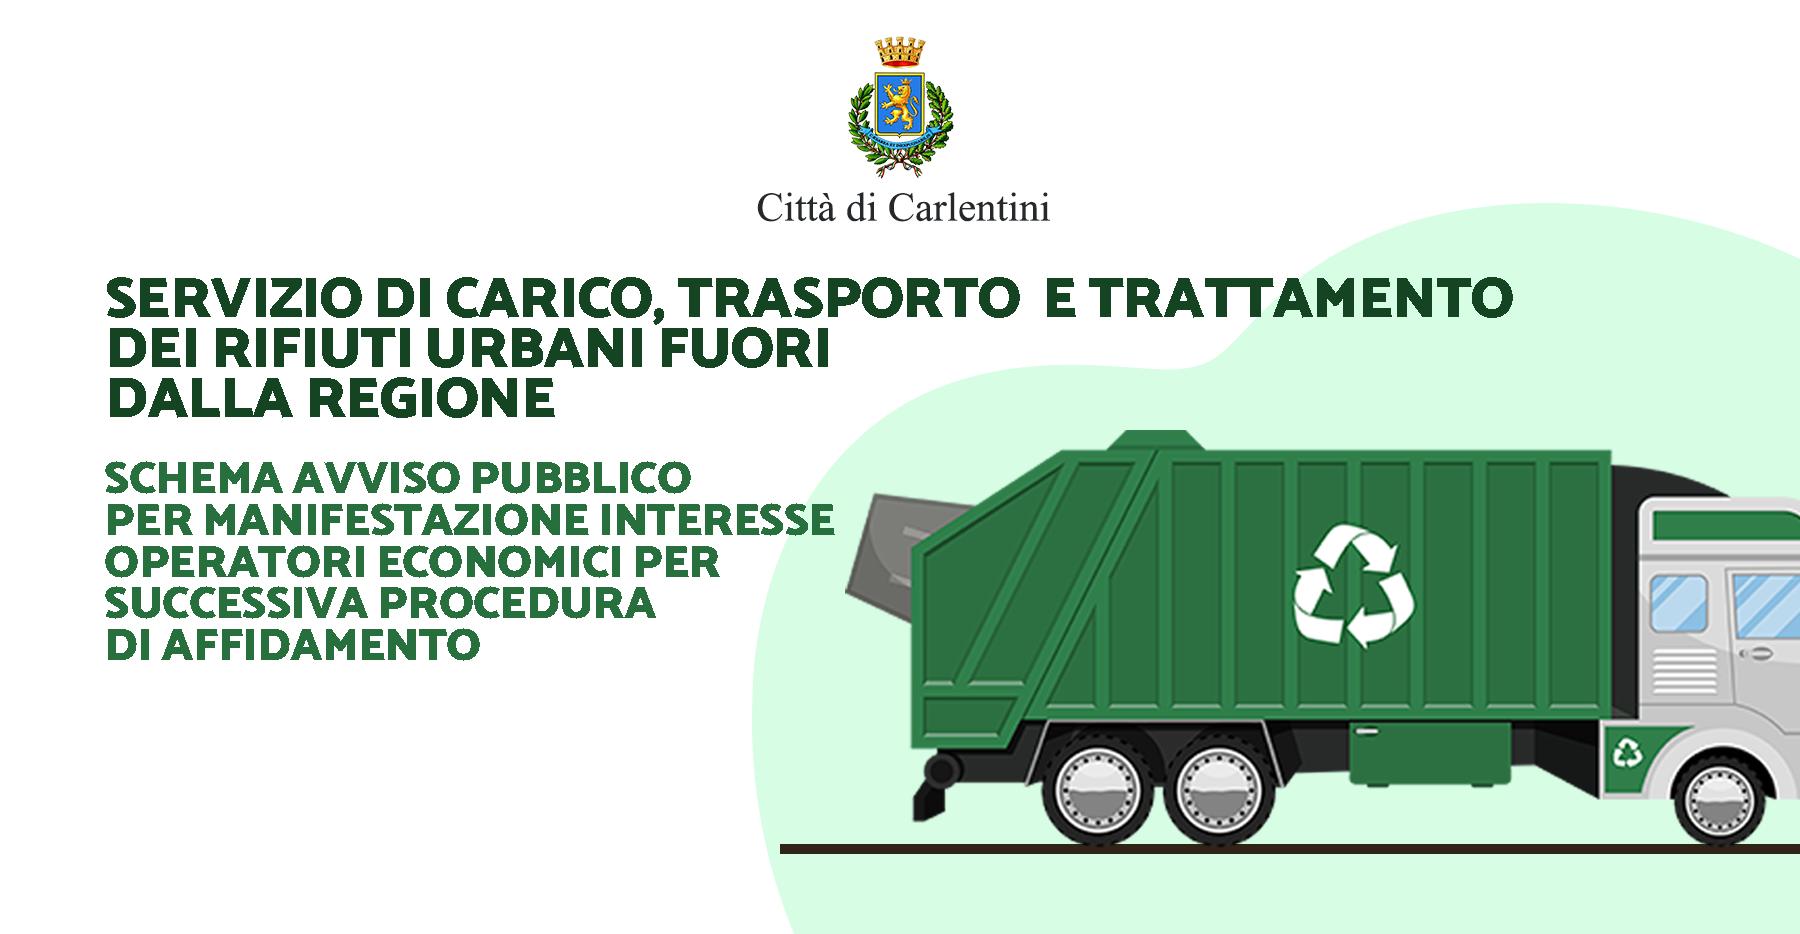 Servizio di carico, trasporto e trattamento dei rifiuti urbani fuori dalla Regione: schema di avviso pubblico per operatori economici